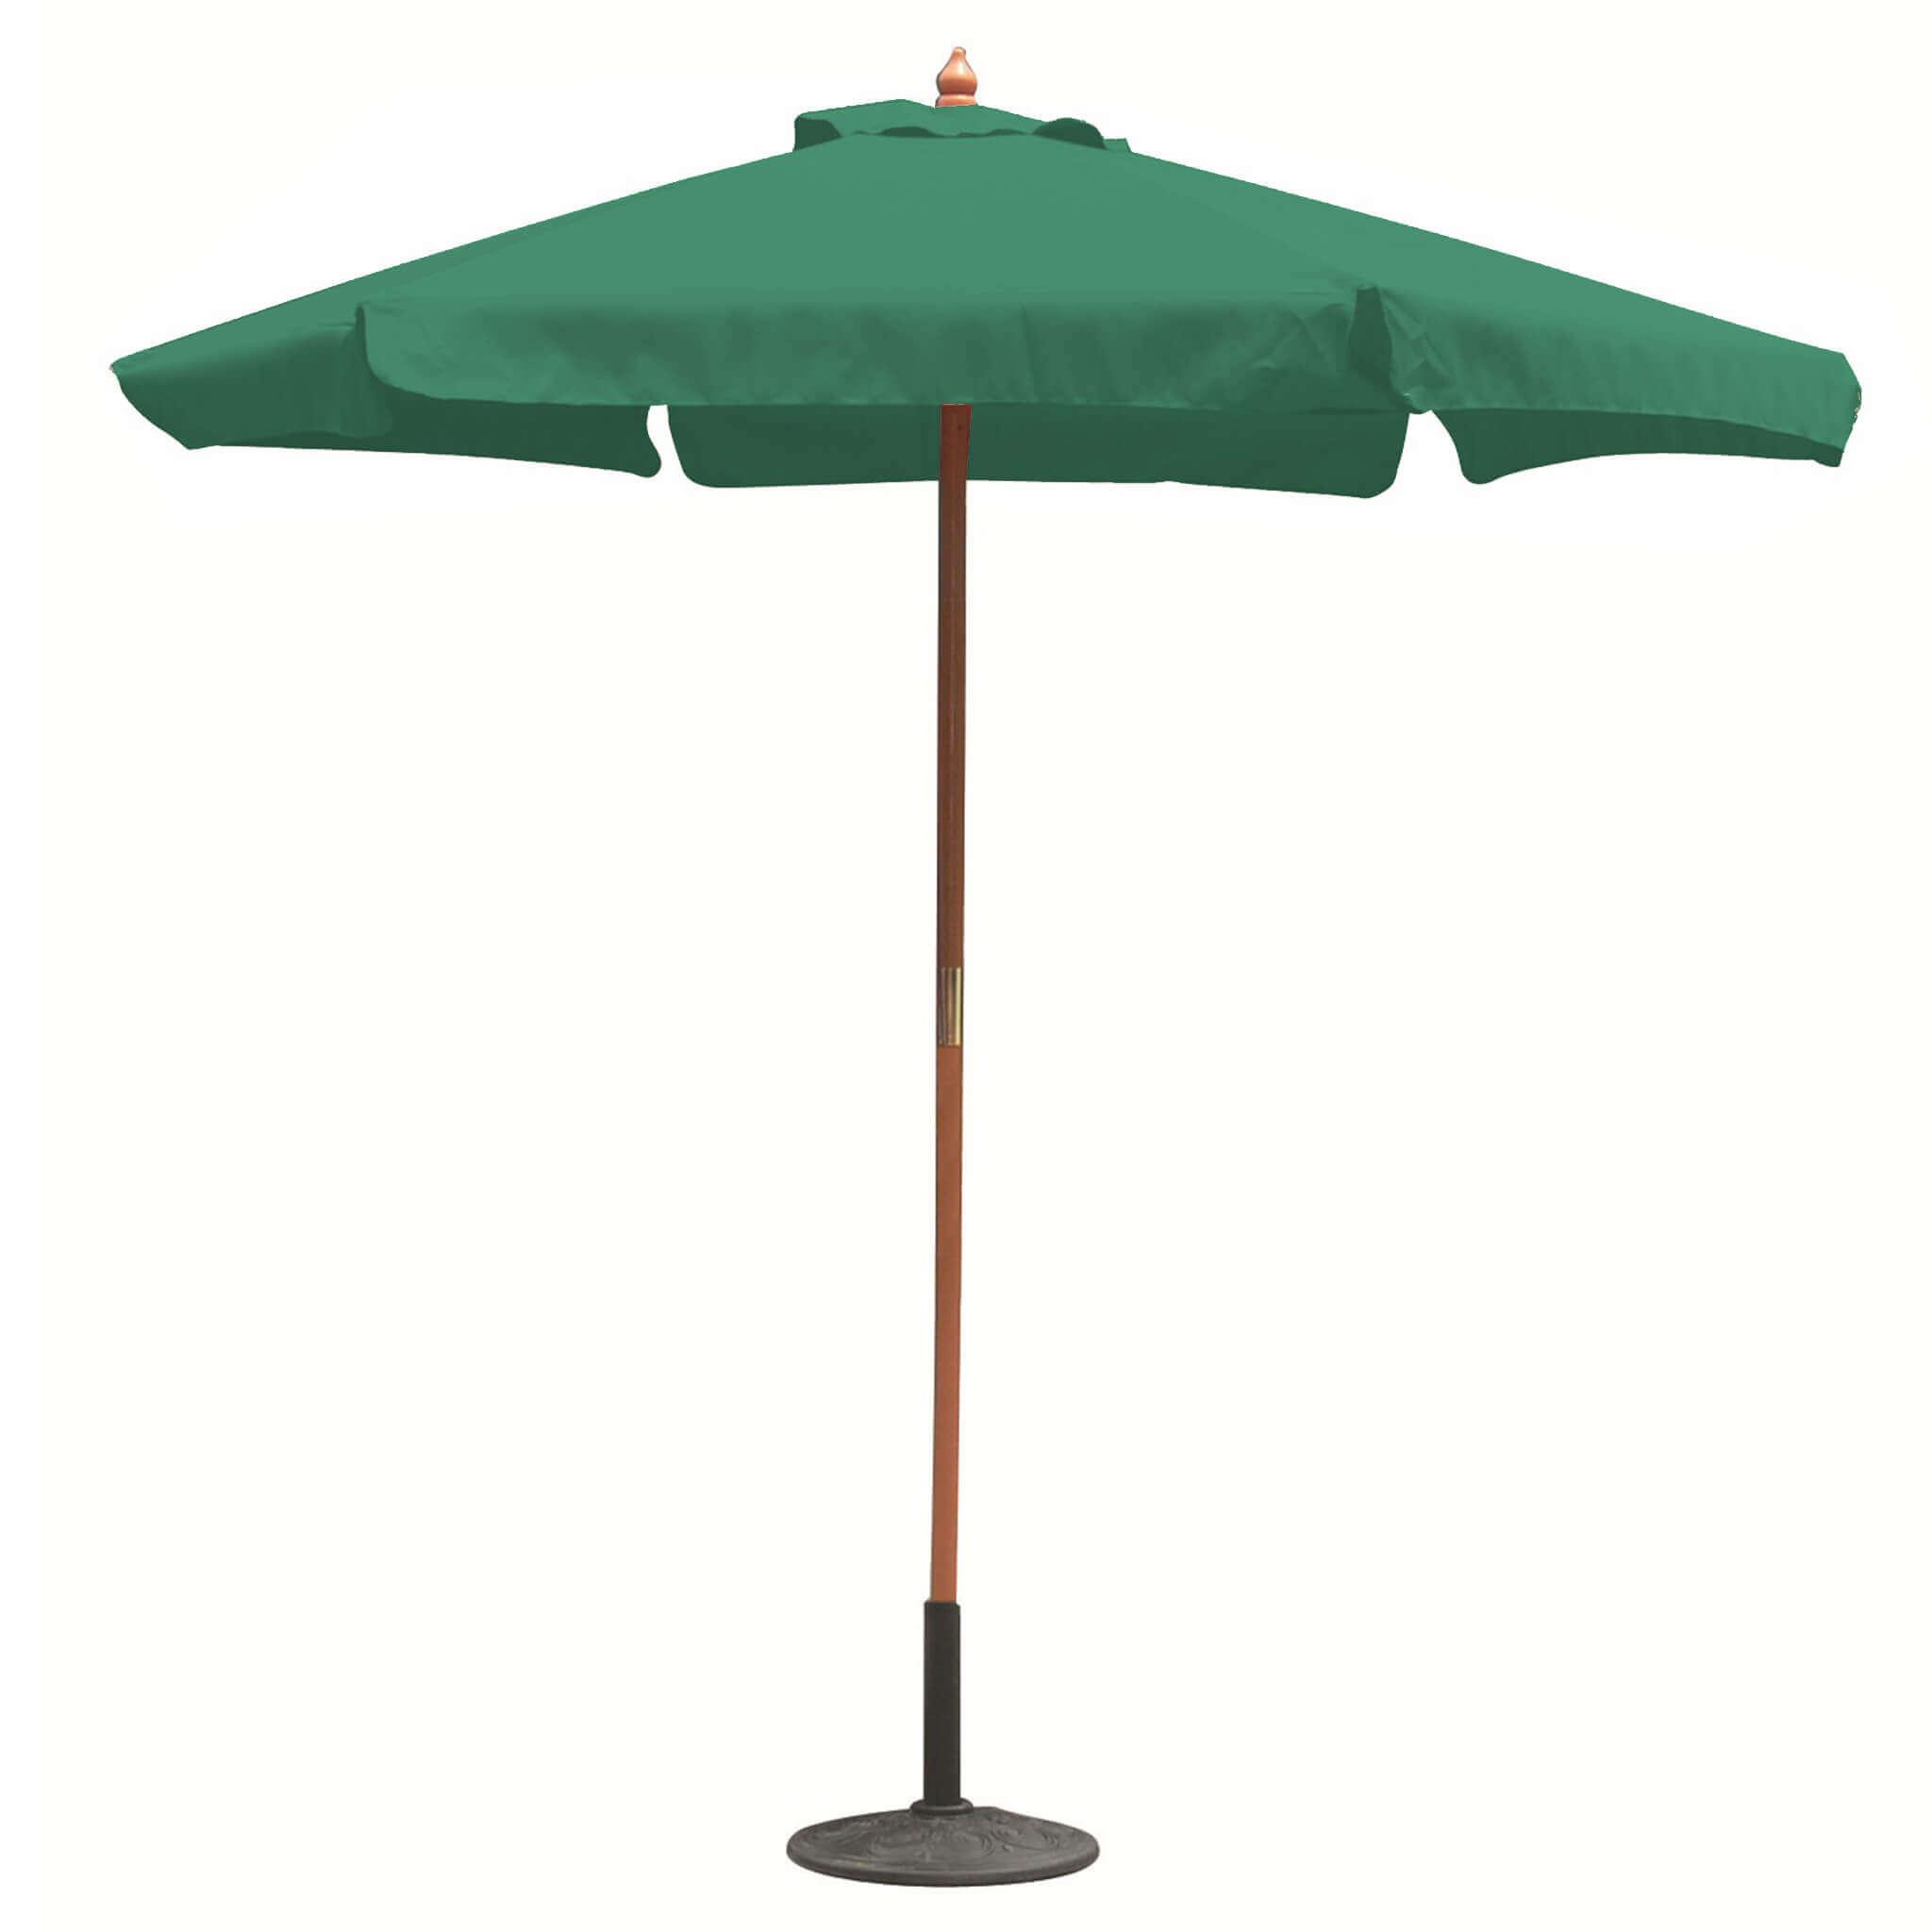 Milani Home DOMINUS - ombrellone da giardino ø 2,5 palo centrale in legno